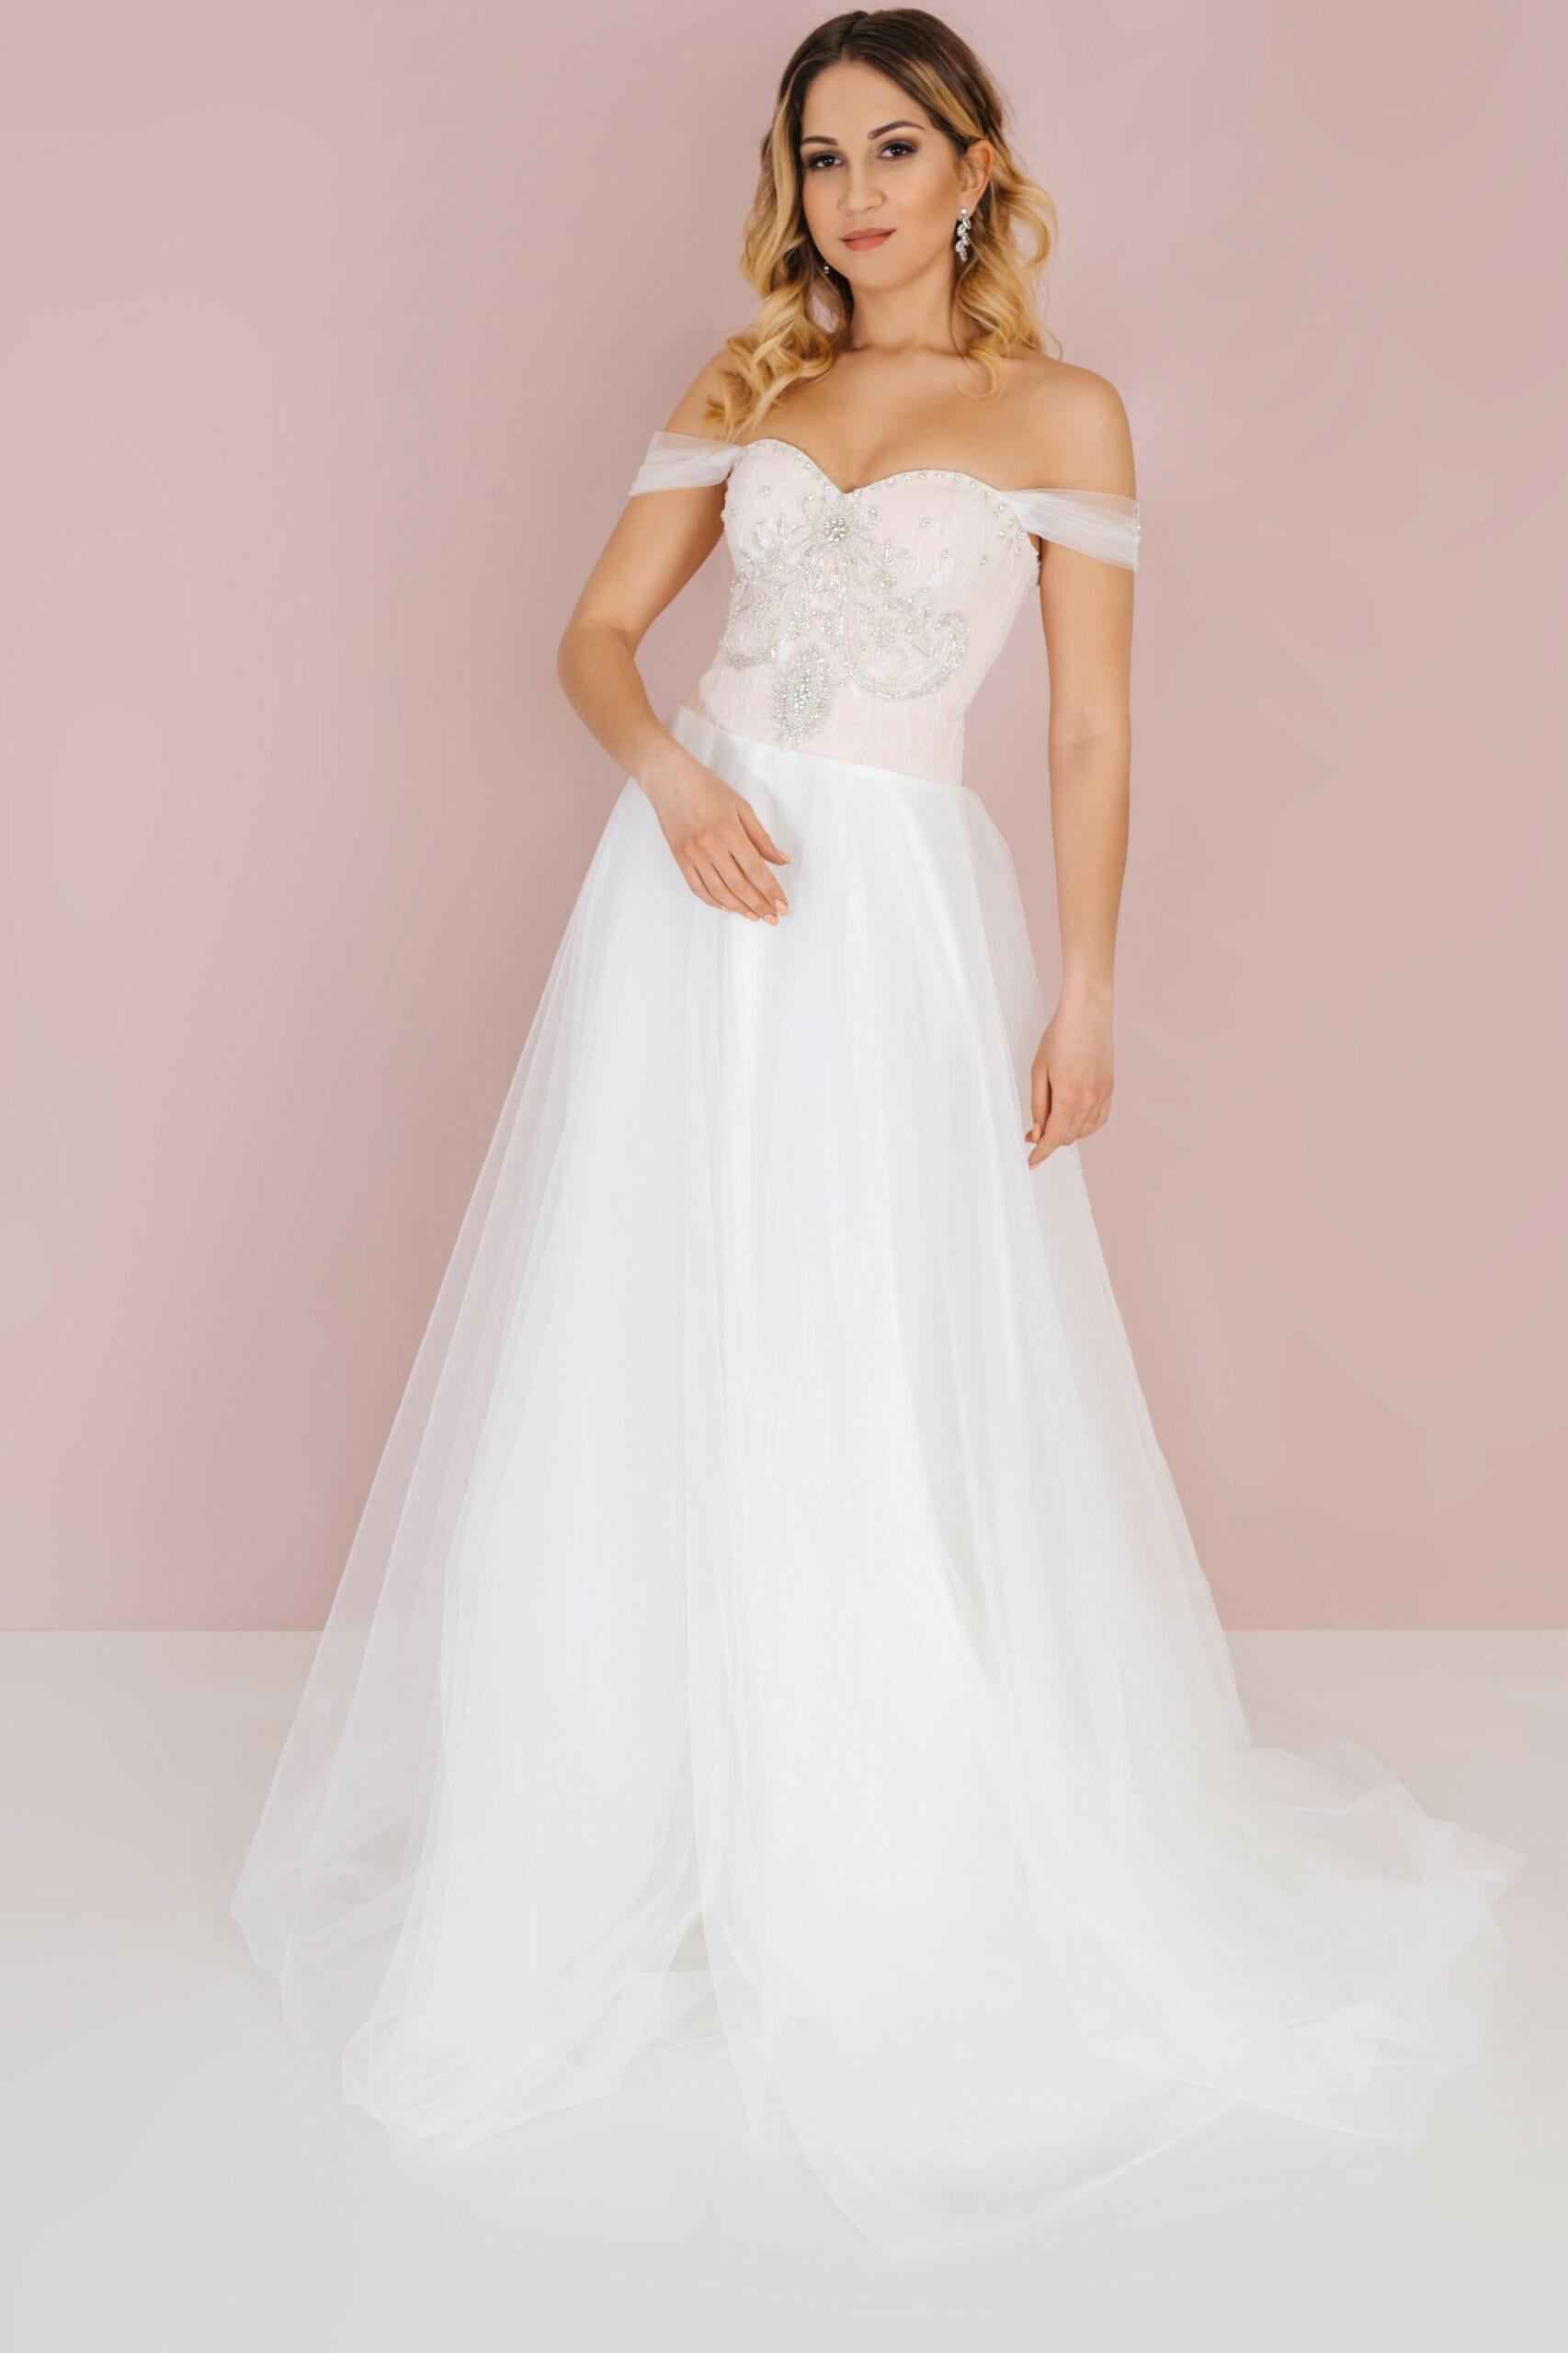 Свадебное платье BELISSA, коллекция LOFT, бренд RARE BRIDAL, фото 1